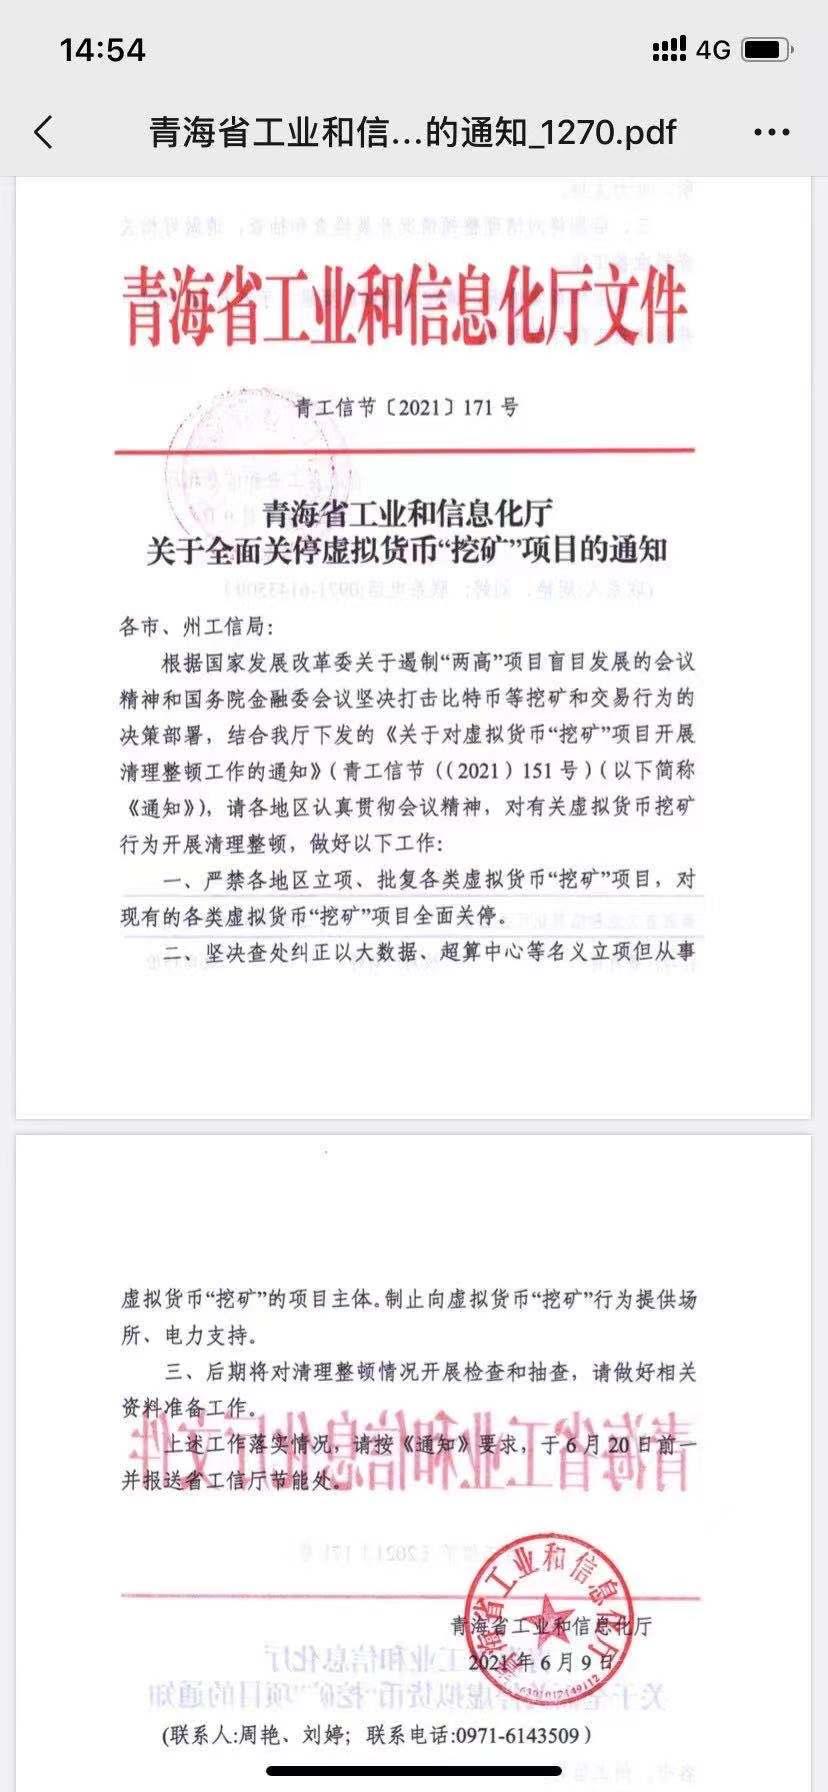 青海等多地发文整顿比特币挖矿,有矿工称其云南矿场已关停图片